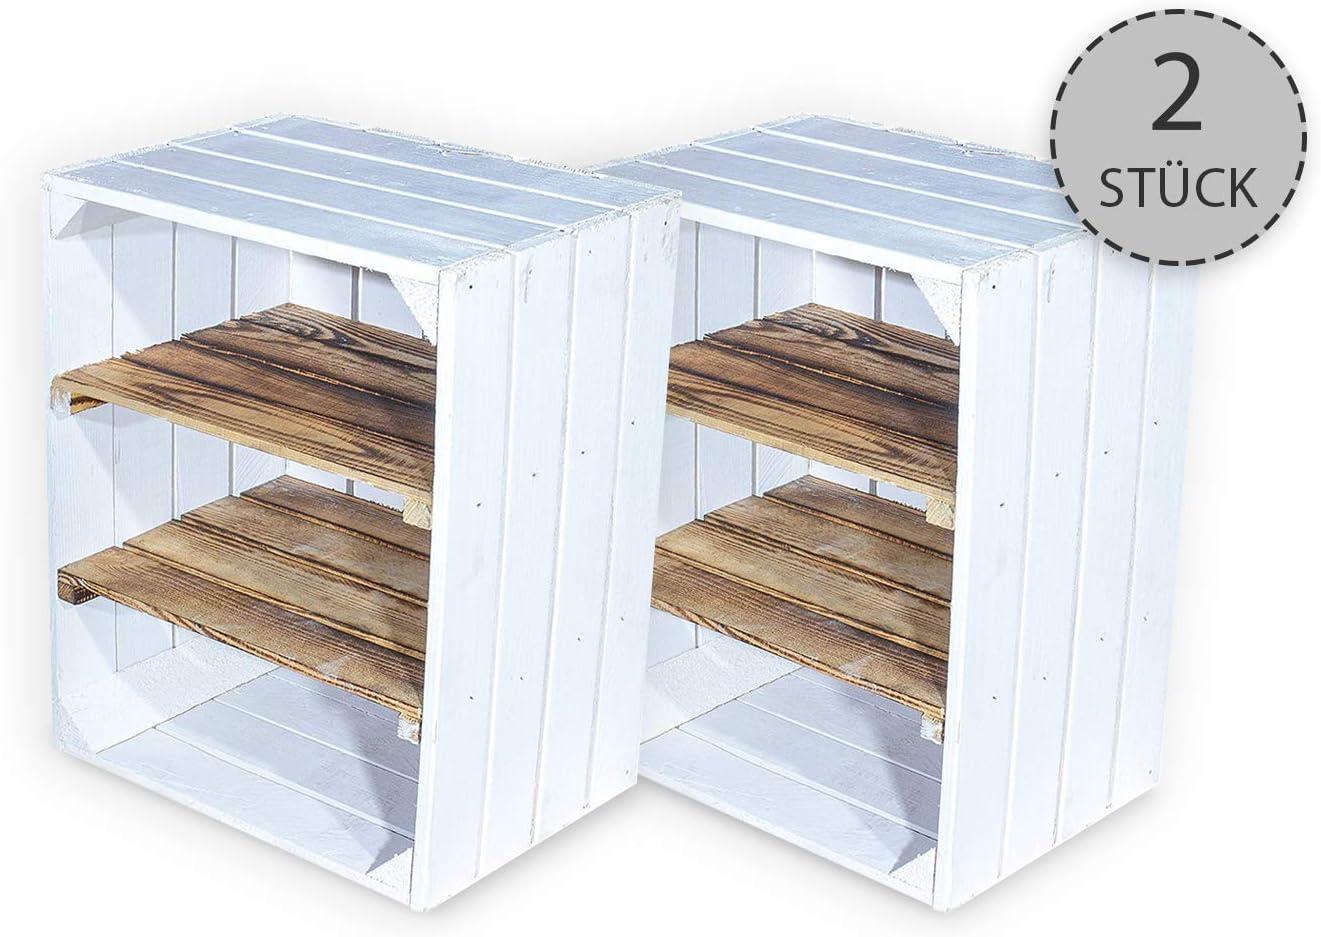 Vintage -Möbel24 - Juego de 2 cajas de fruta con tabla intermedia flameada horizontal – Cajas de madera como zapatero – Shabby Chic – 50 x 30 x 40 cm